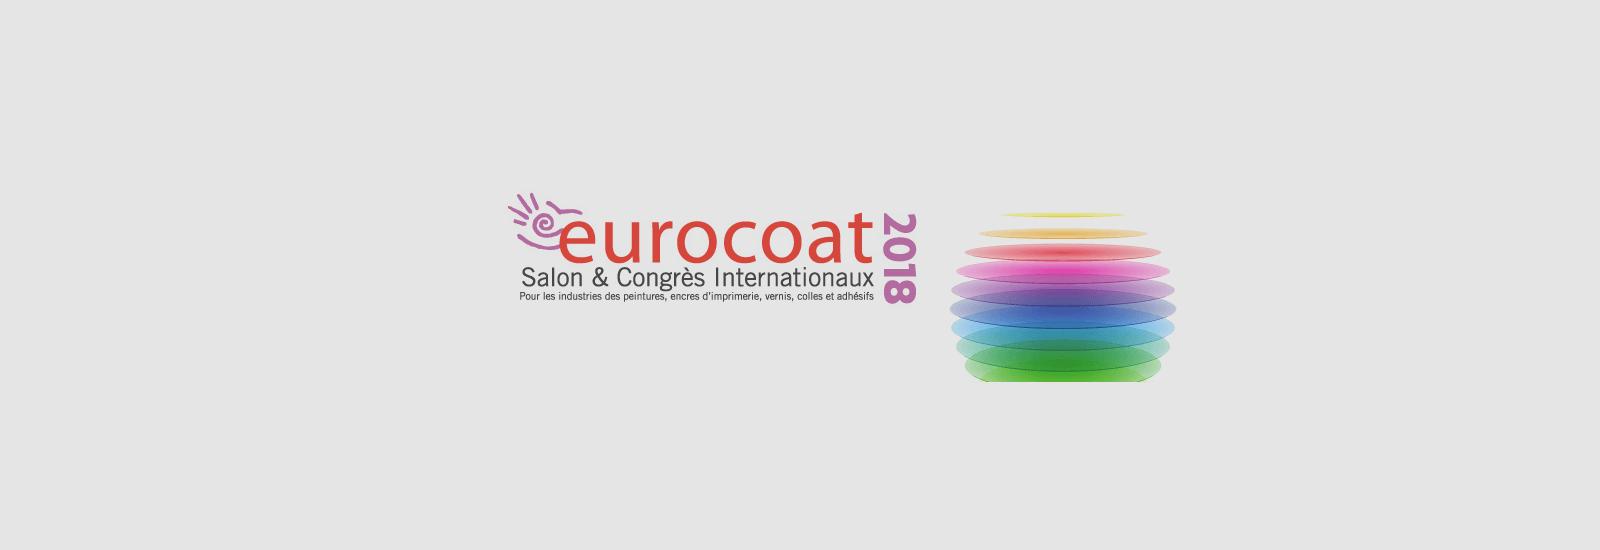 Univar Eurocoat à Porte de Versailles